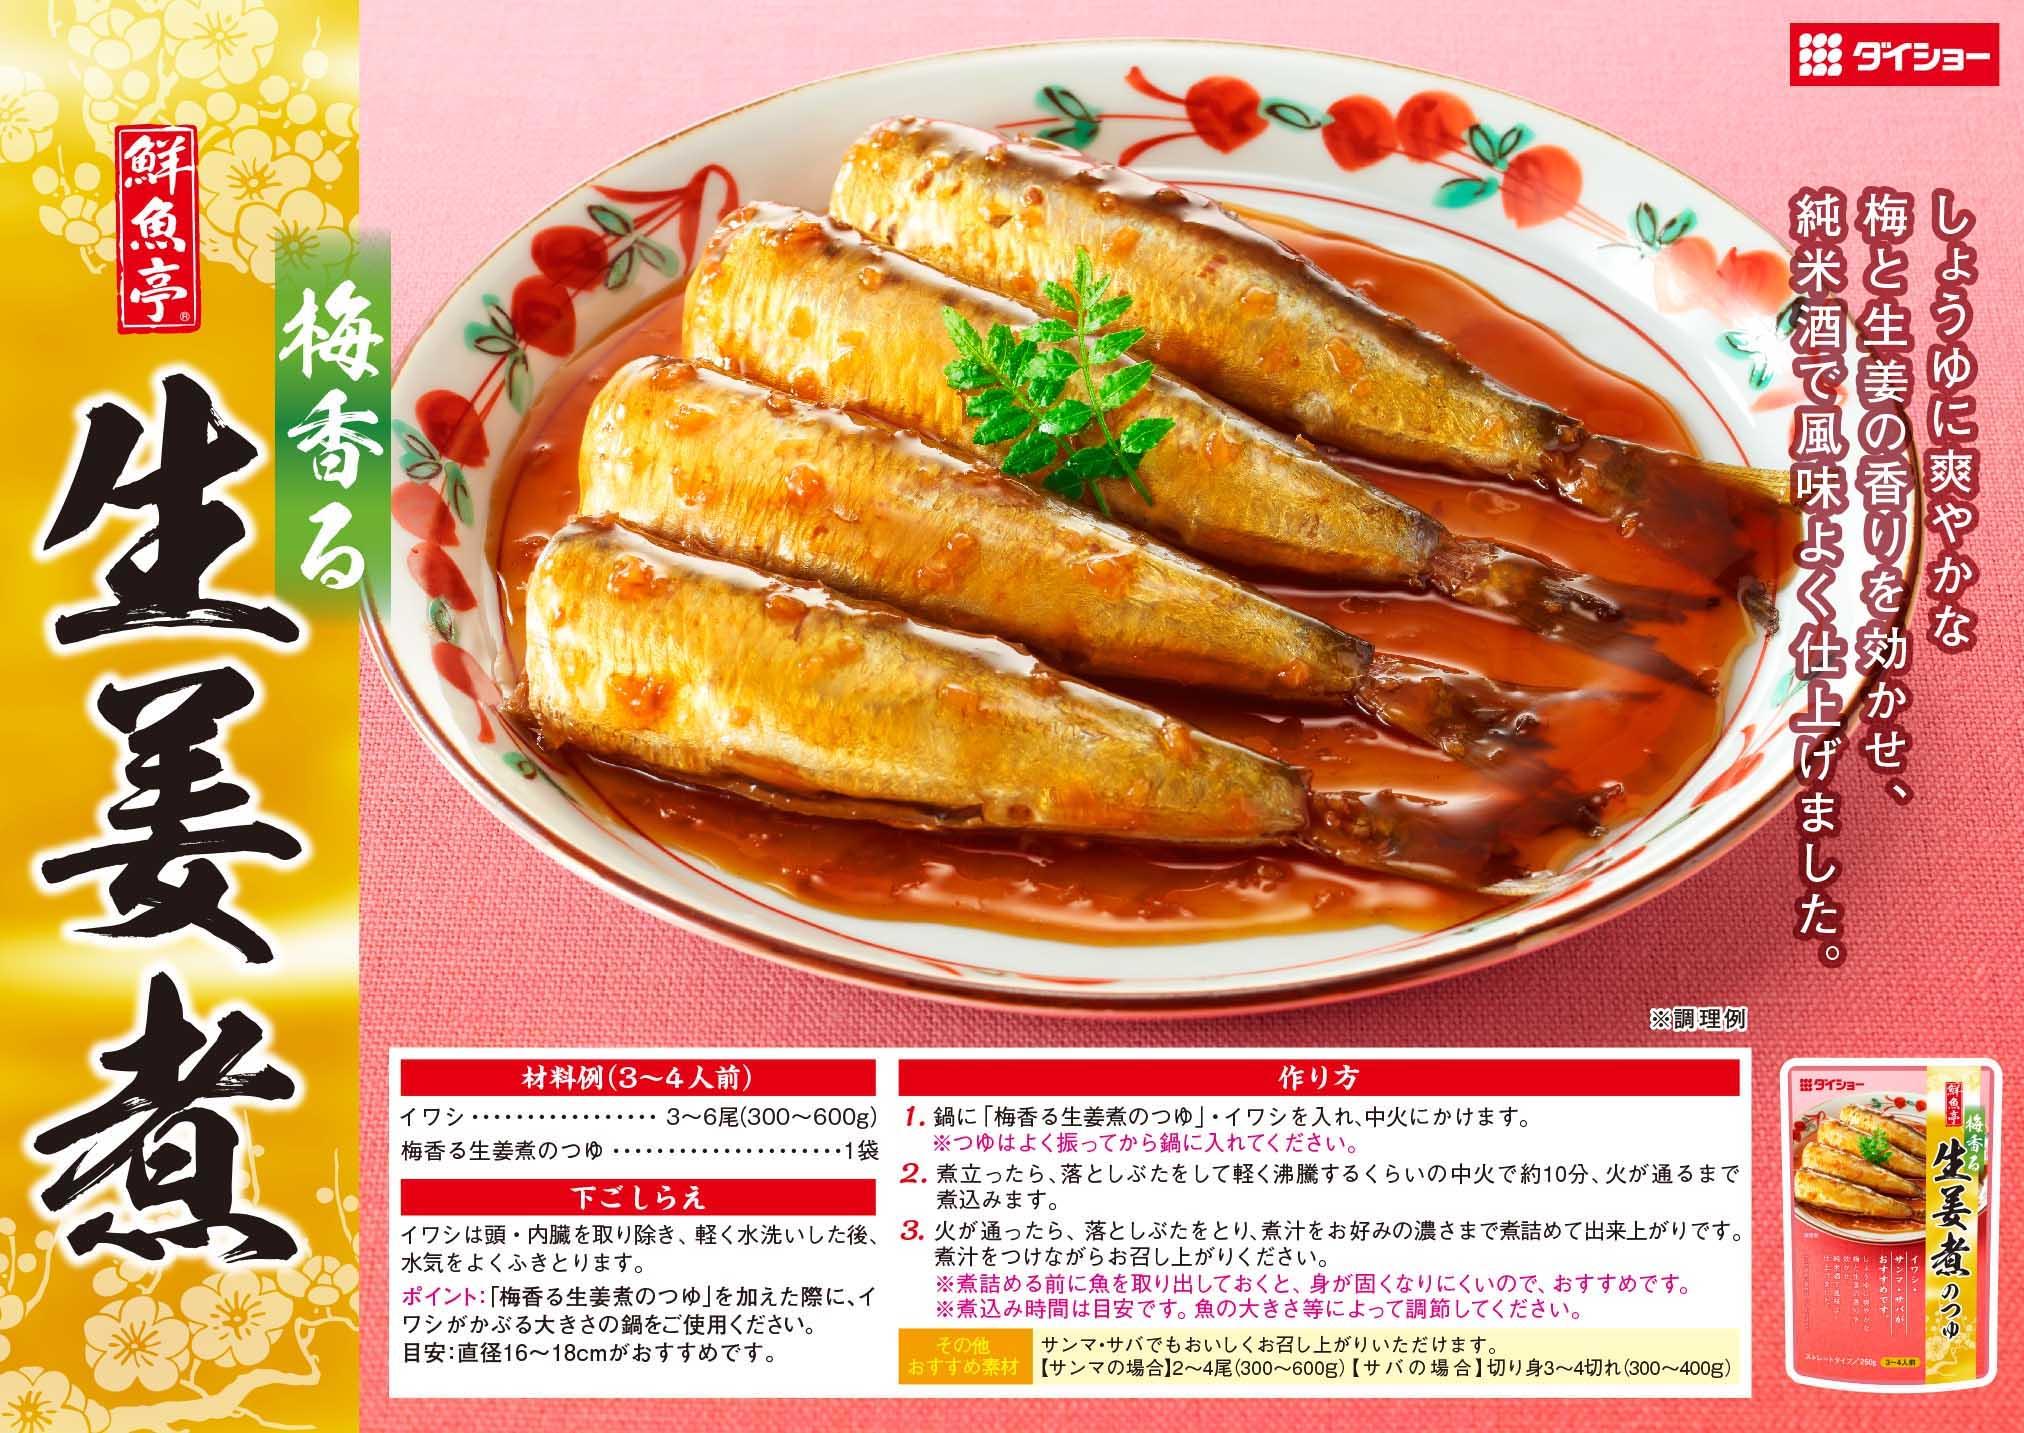 鮮魚亭 梅香る生姜煮のつゆレシピ